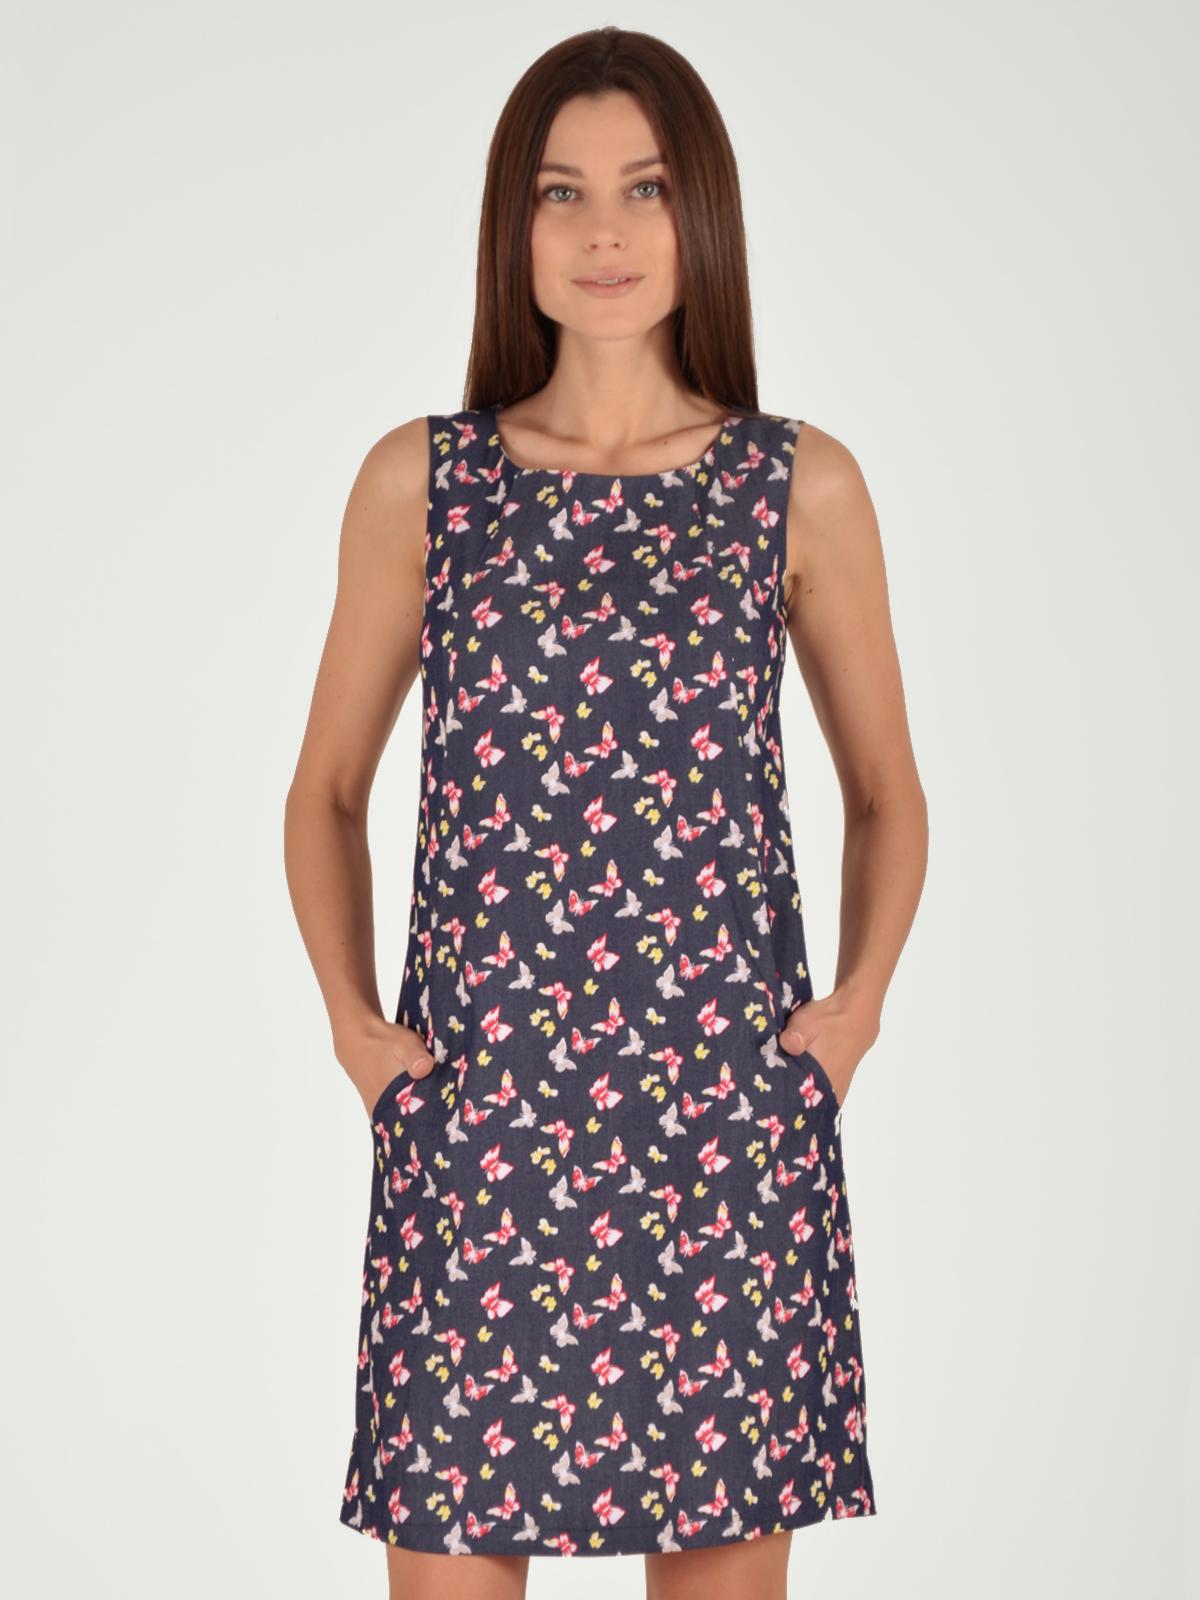 МОСМЕХА женское платье no 2015 batwing 14050225 3885